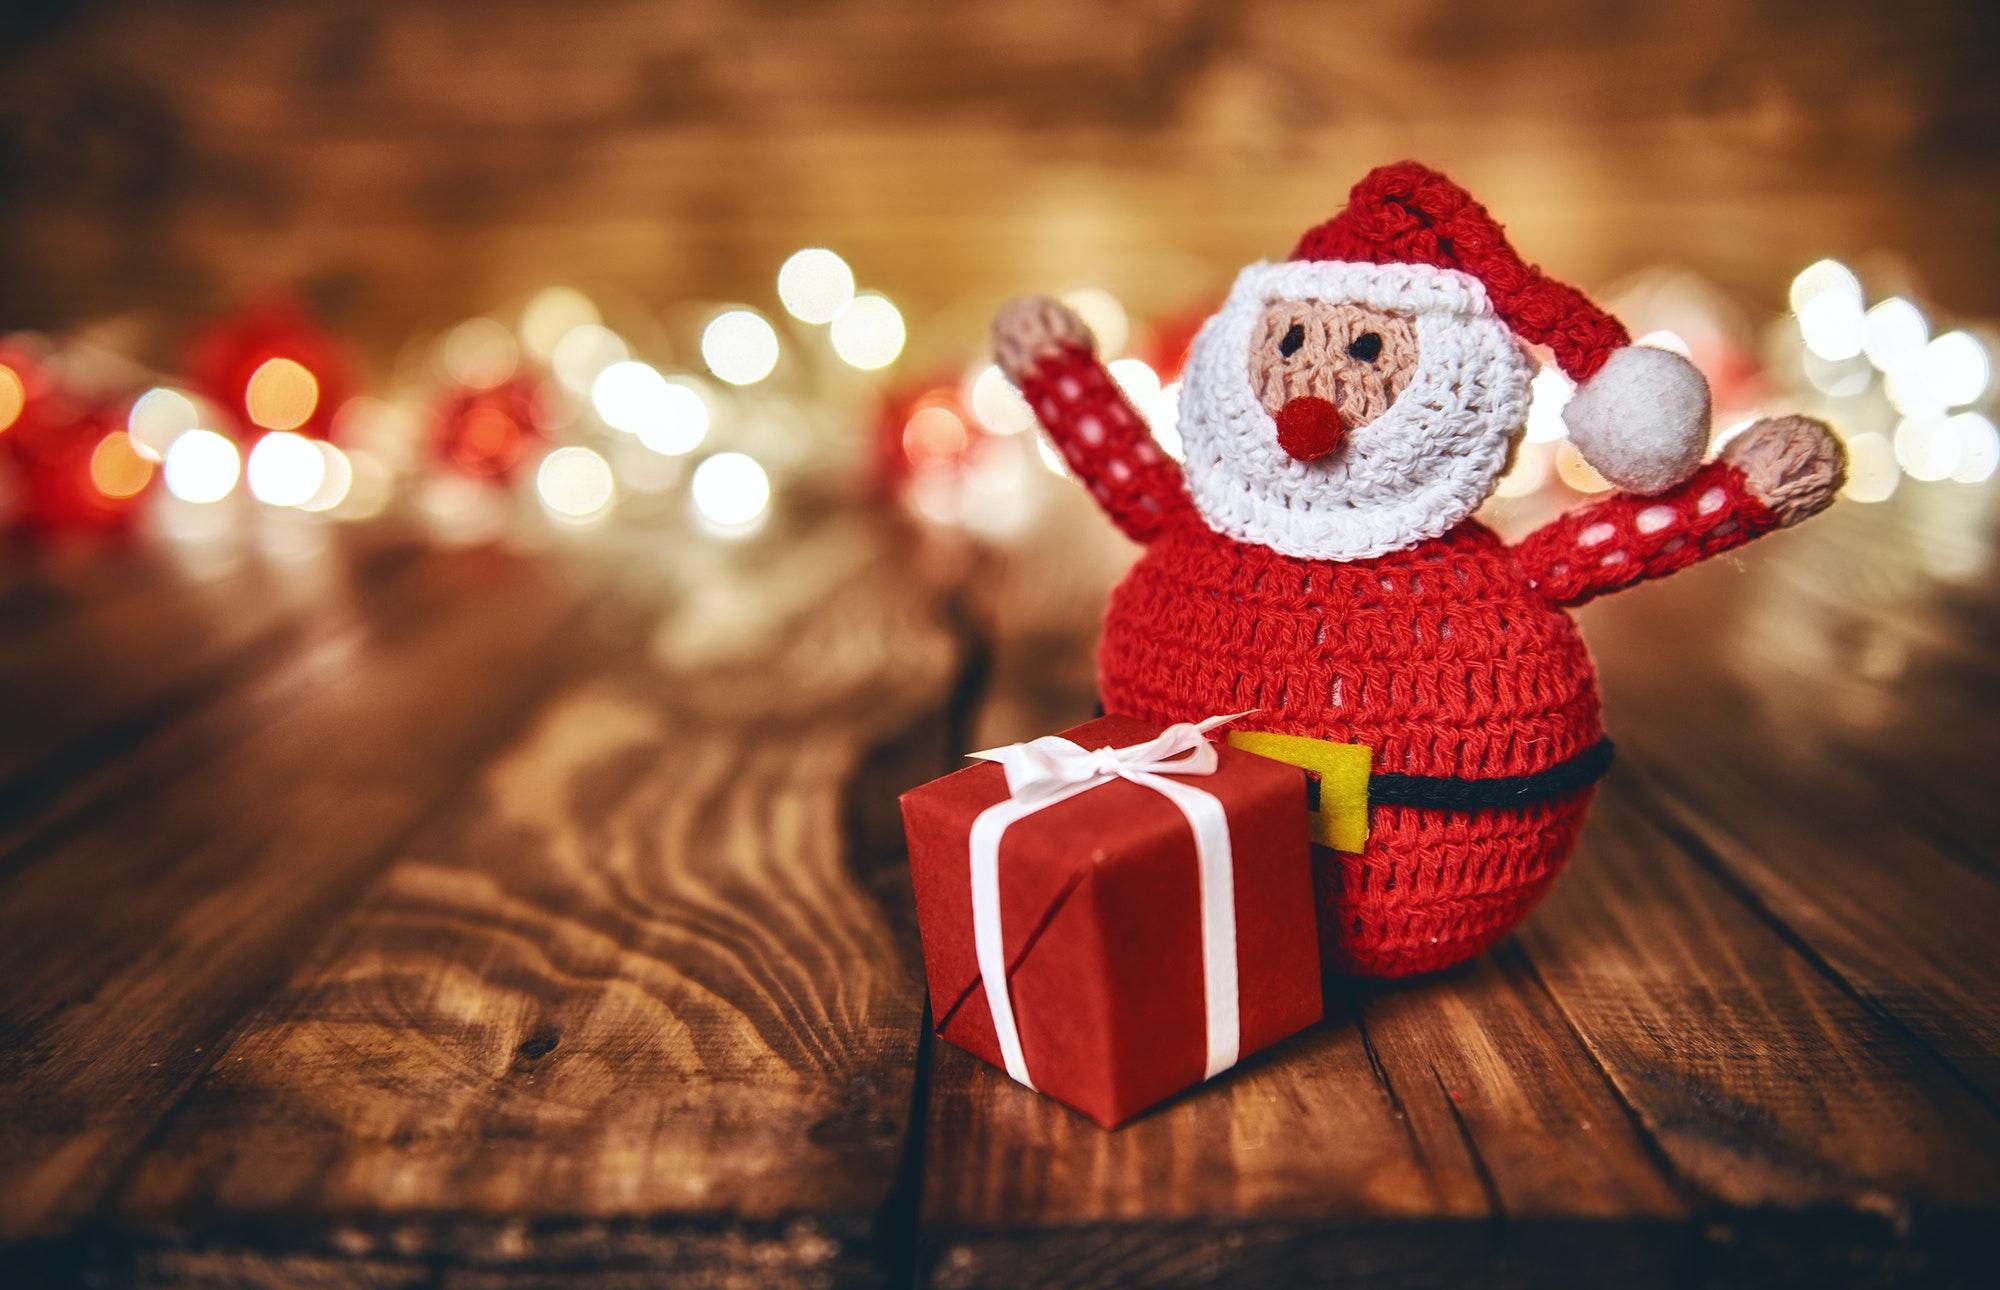 Red gift box, Santa Claus and Christmas garland